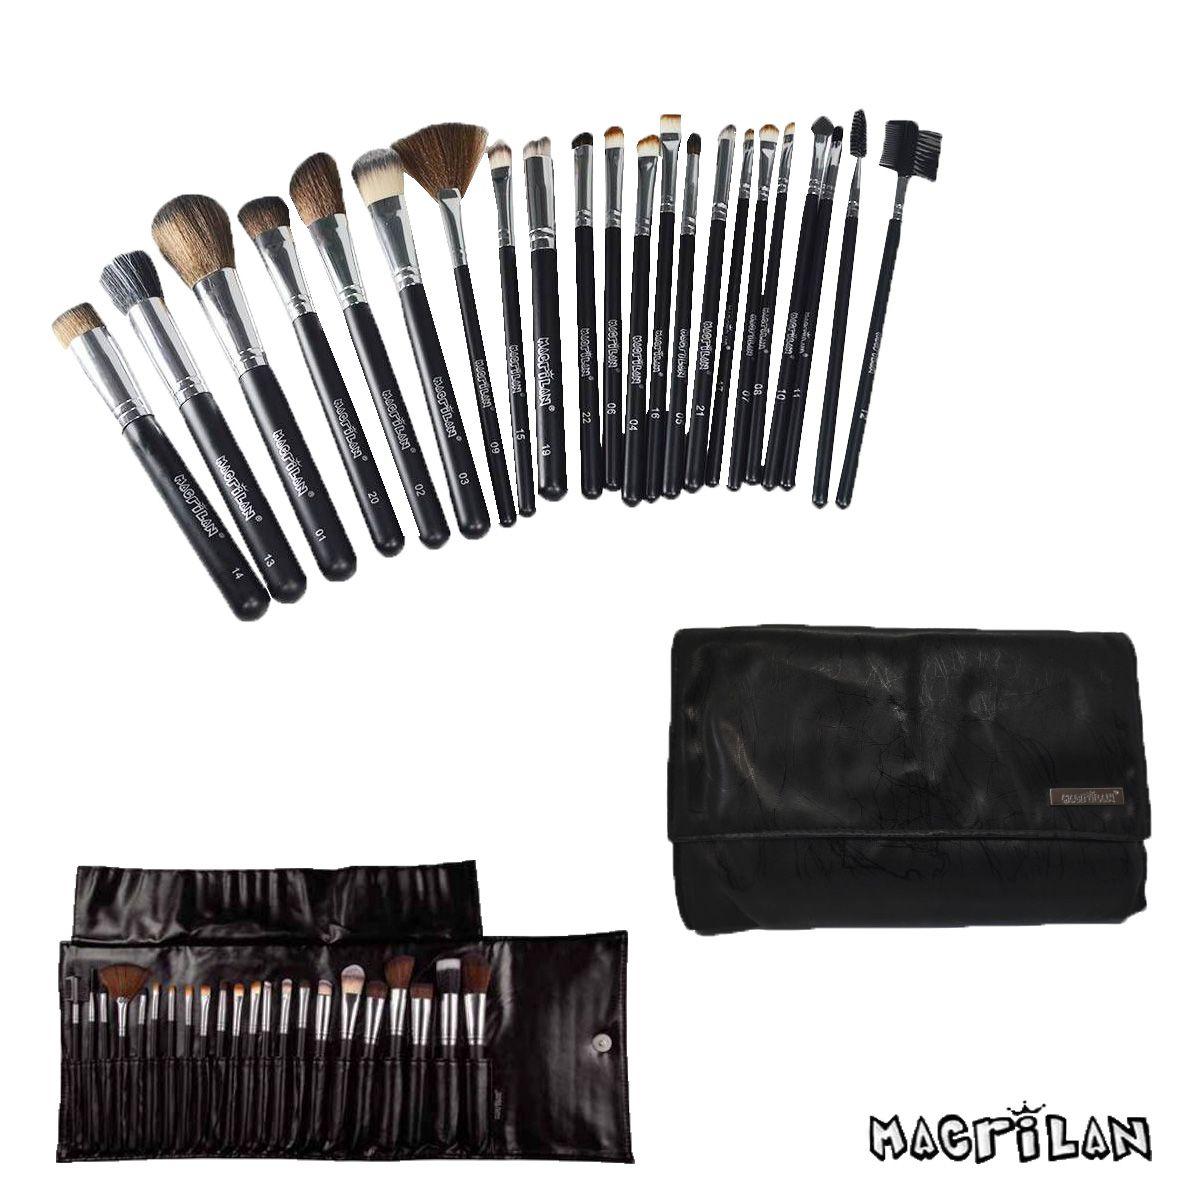 Kit Maquiagem Preparação de Pele Com Estojo de 22 Pincéis Macrilan